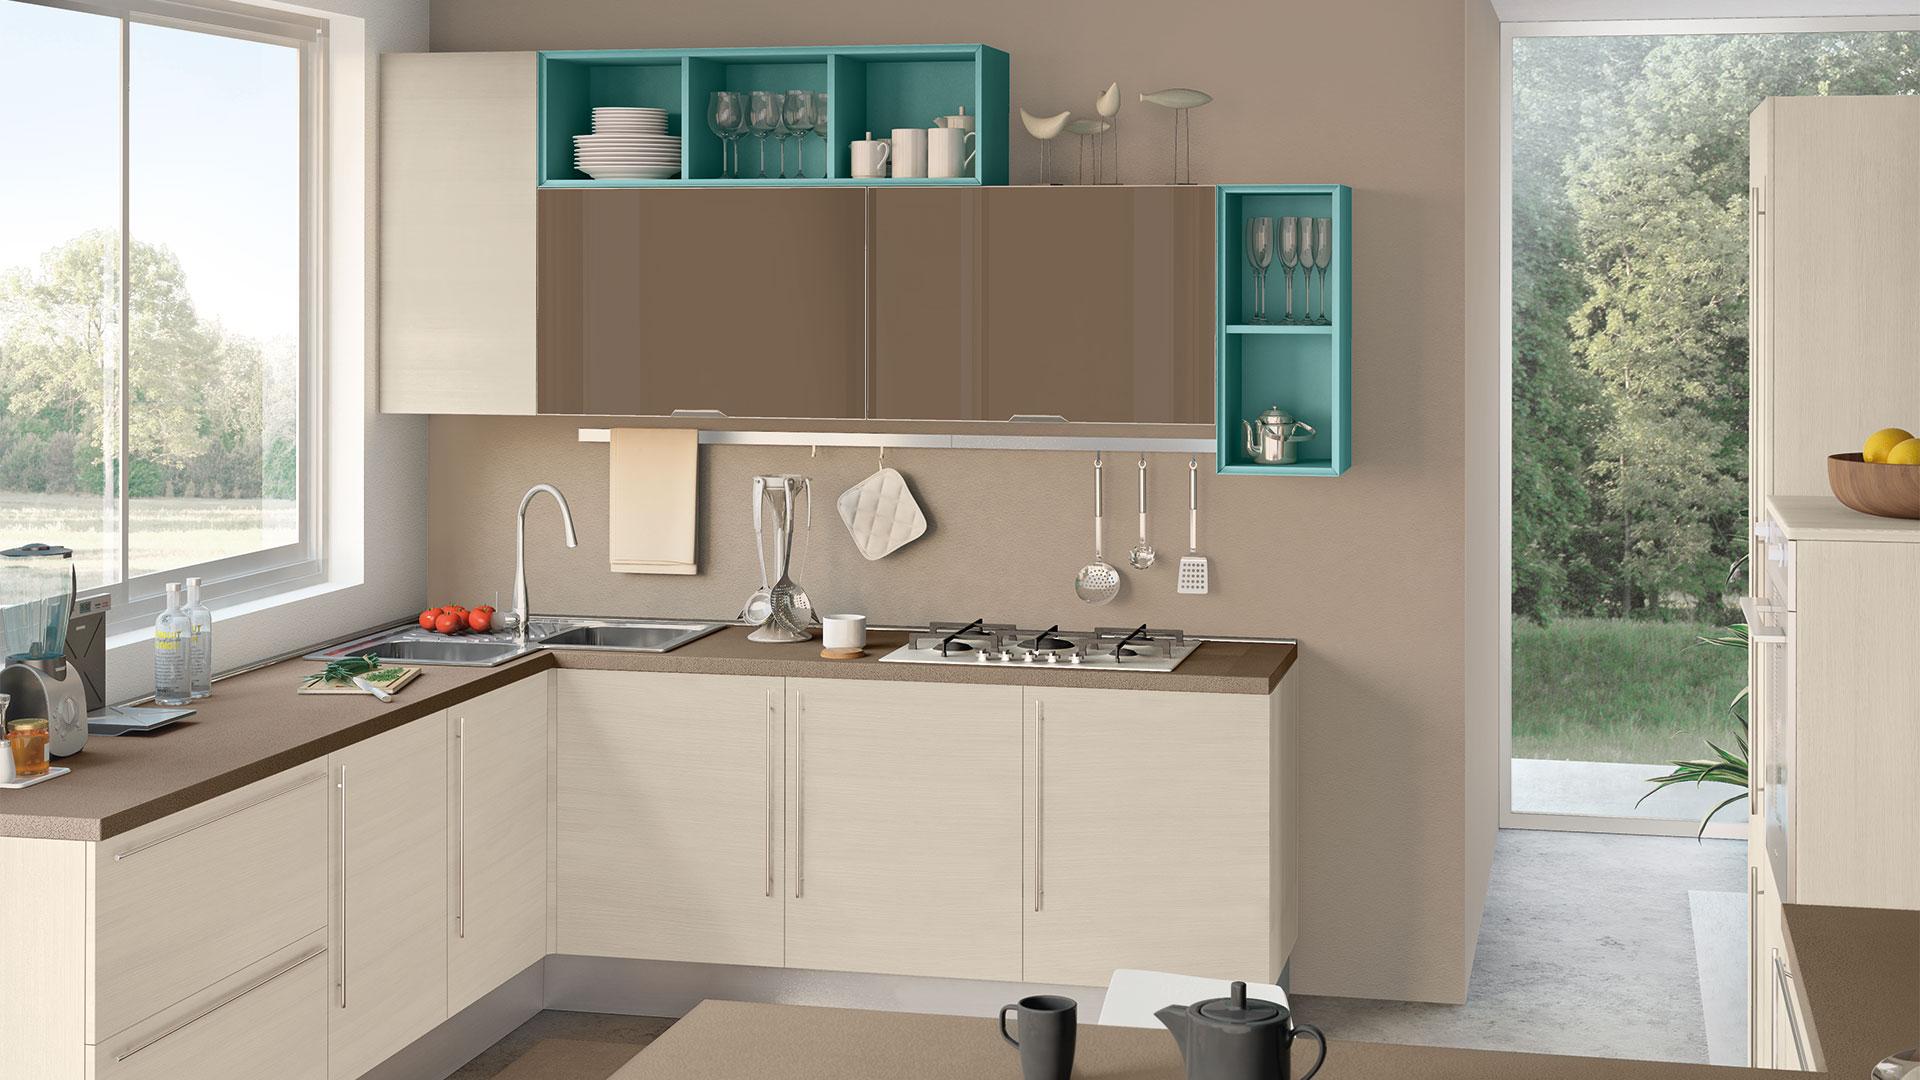 Cucine Lube - Cucine Moderne - Noemi - 3 | Gambula Arredamenti